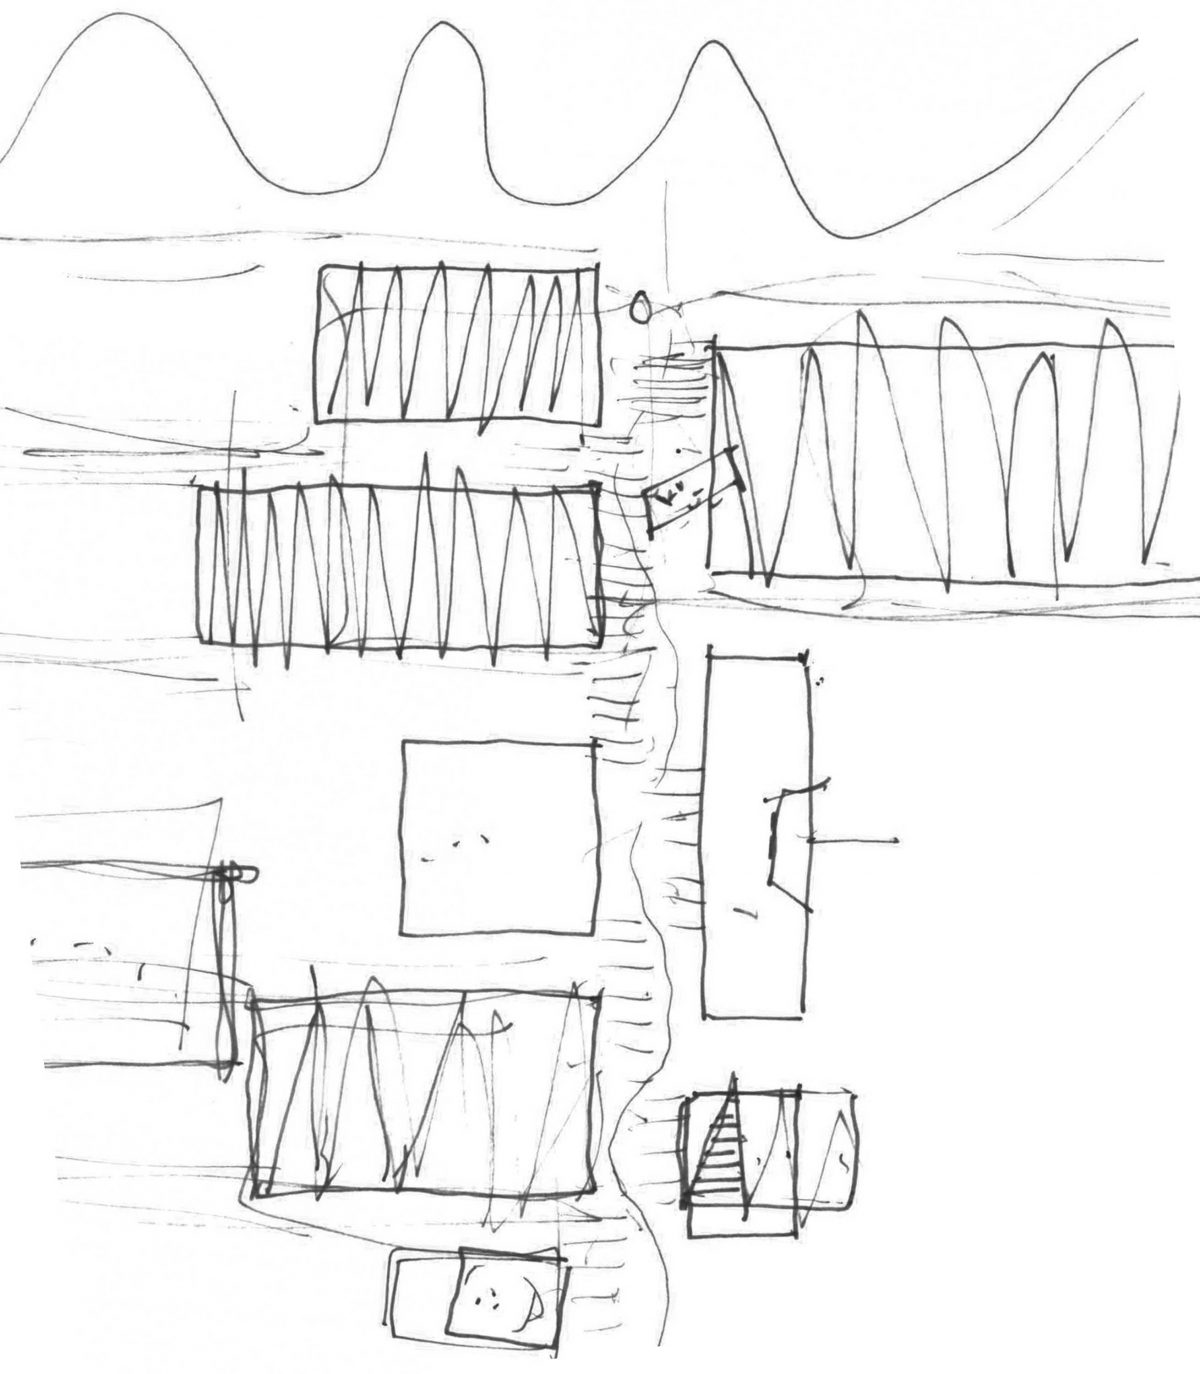 Händische Skizze vom Lageplan des Entwurfs für den Campus Handwerk in Halle.